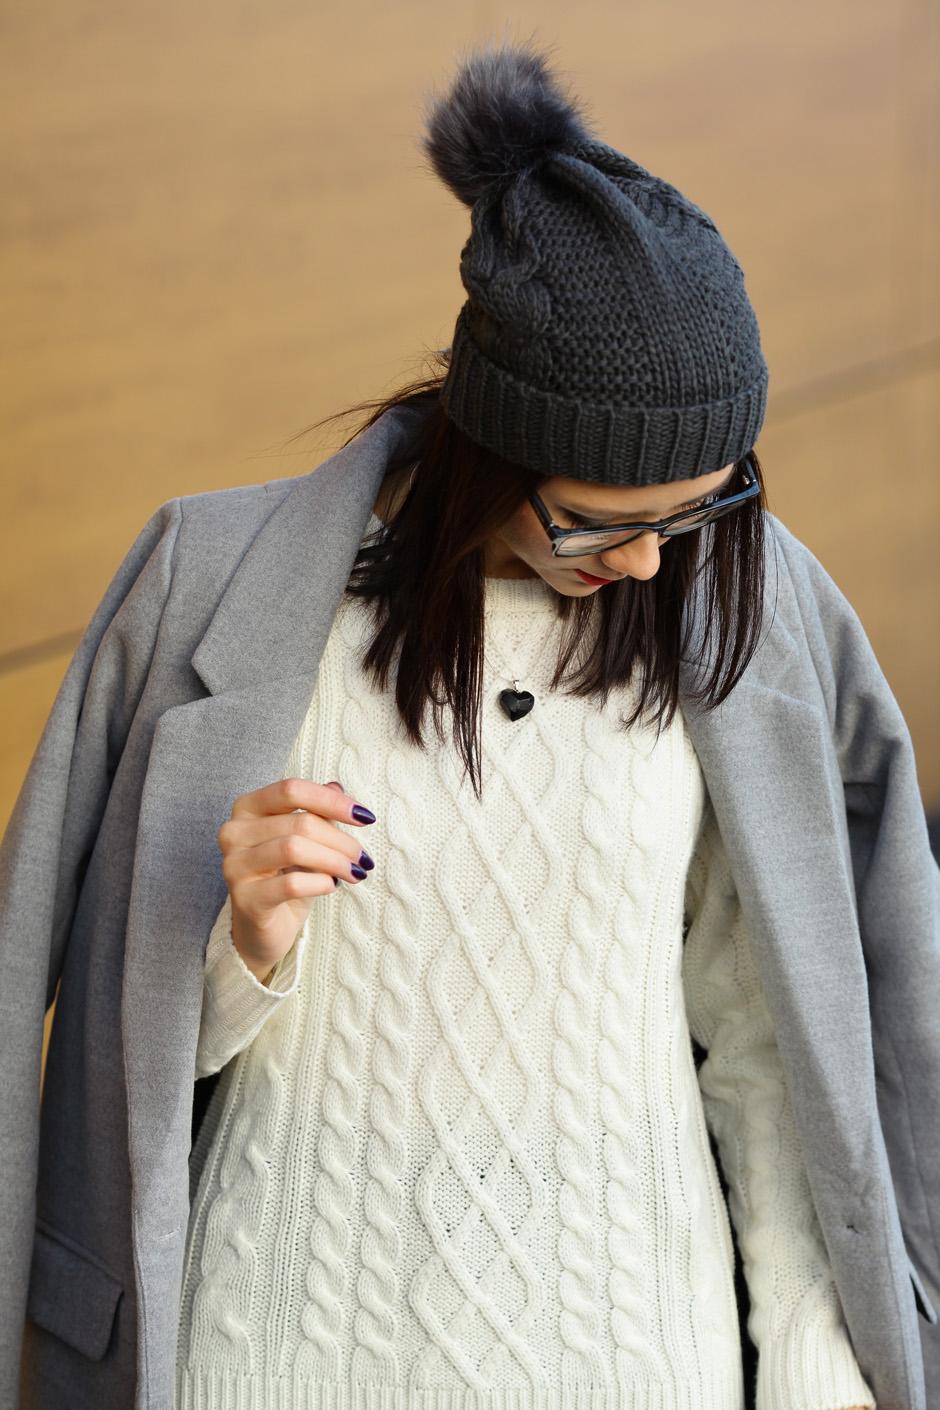 zimowa-stylizacja-filcowe-buty-clarks-bialy-sweter-i-wisior-z-wegla-16